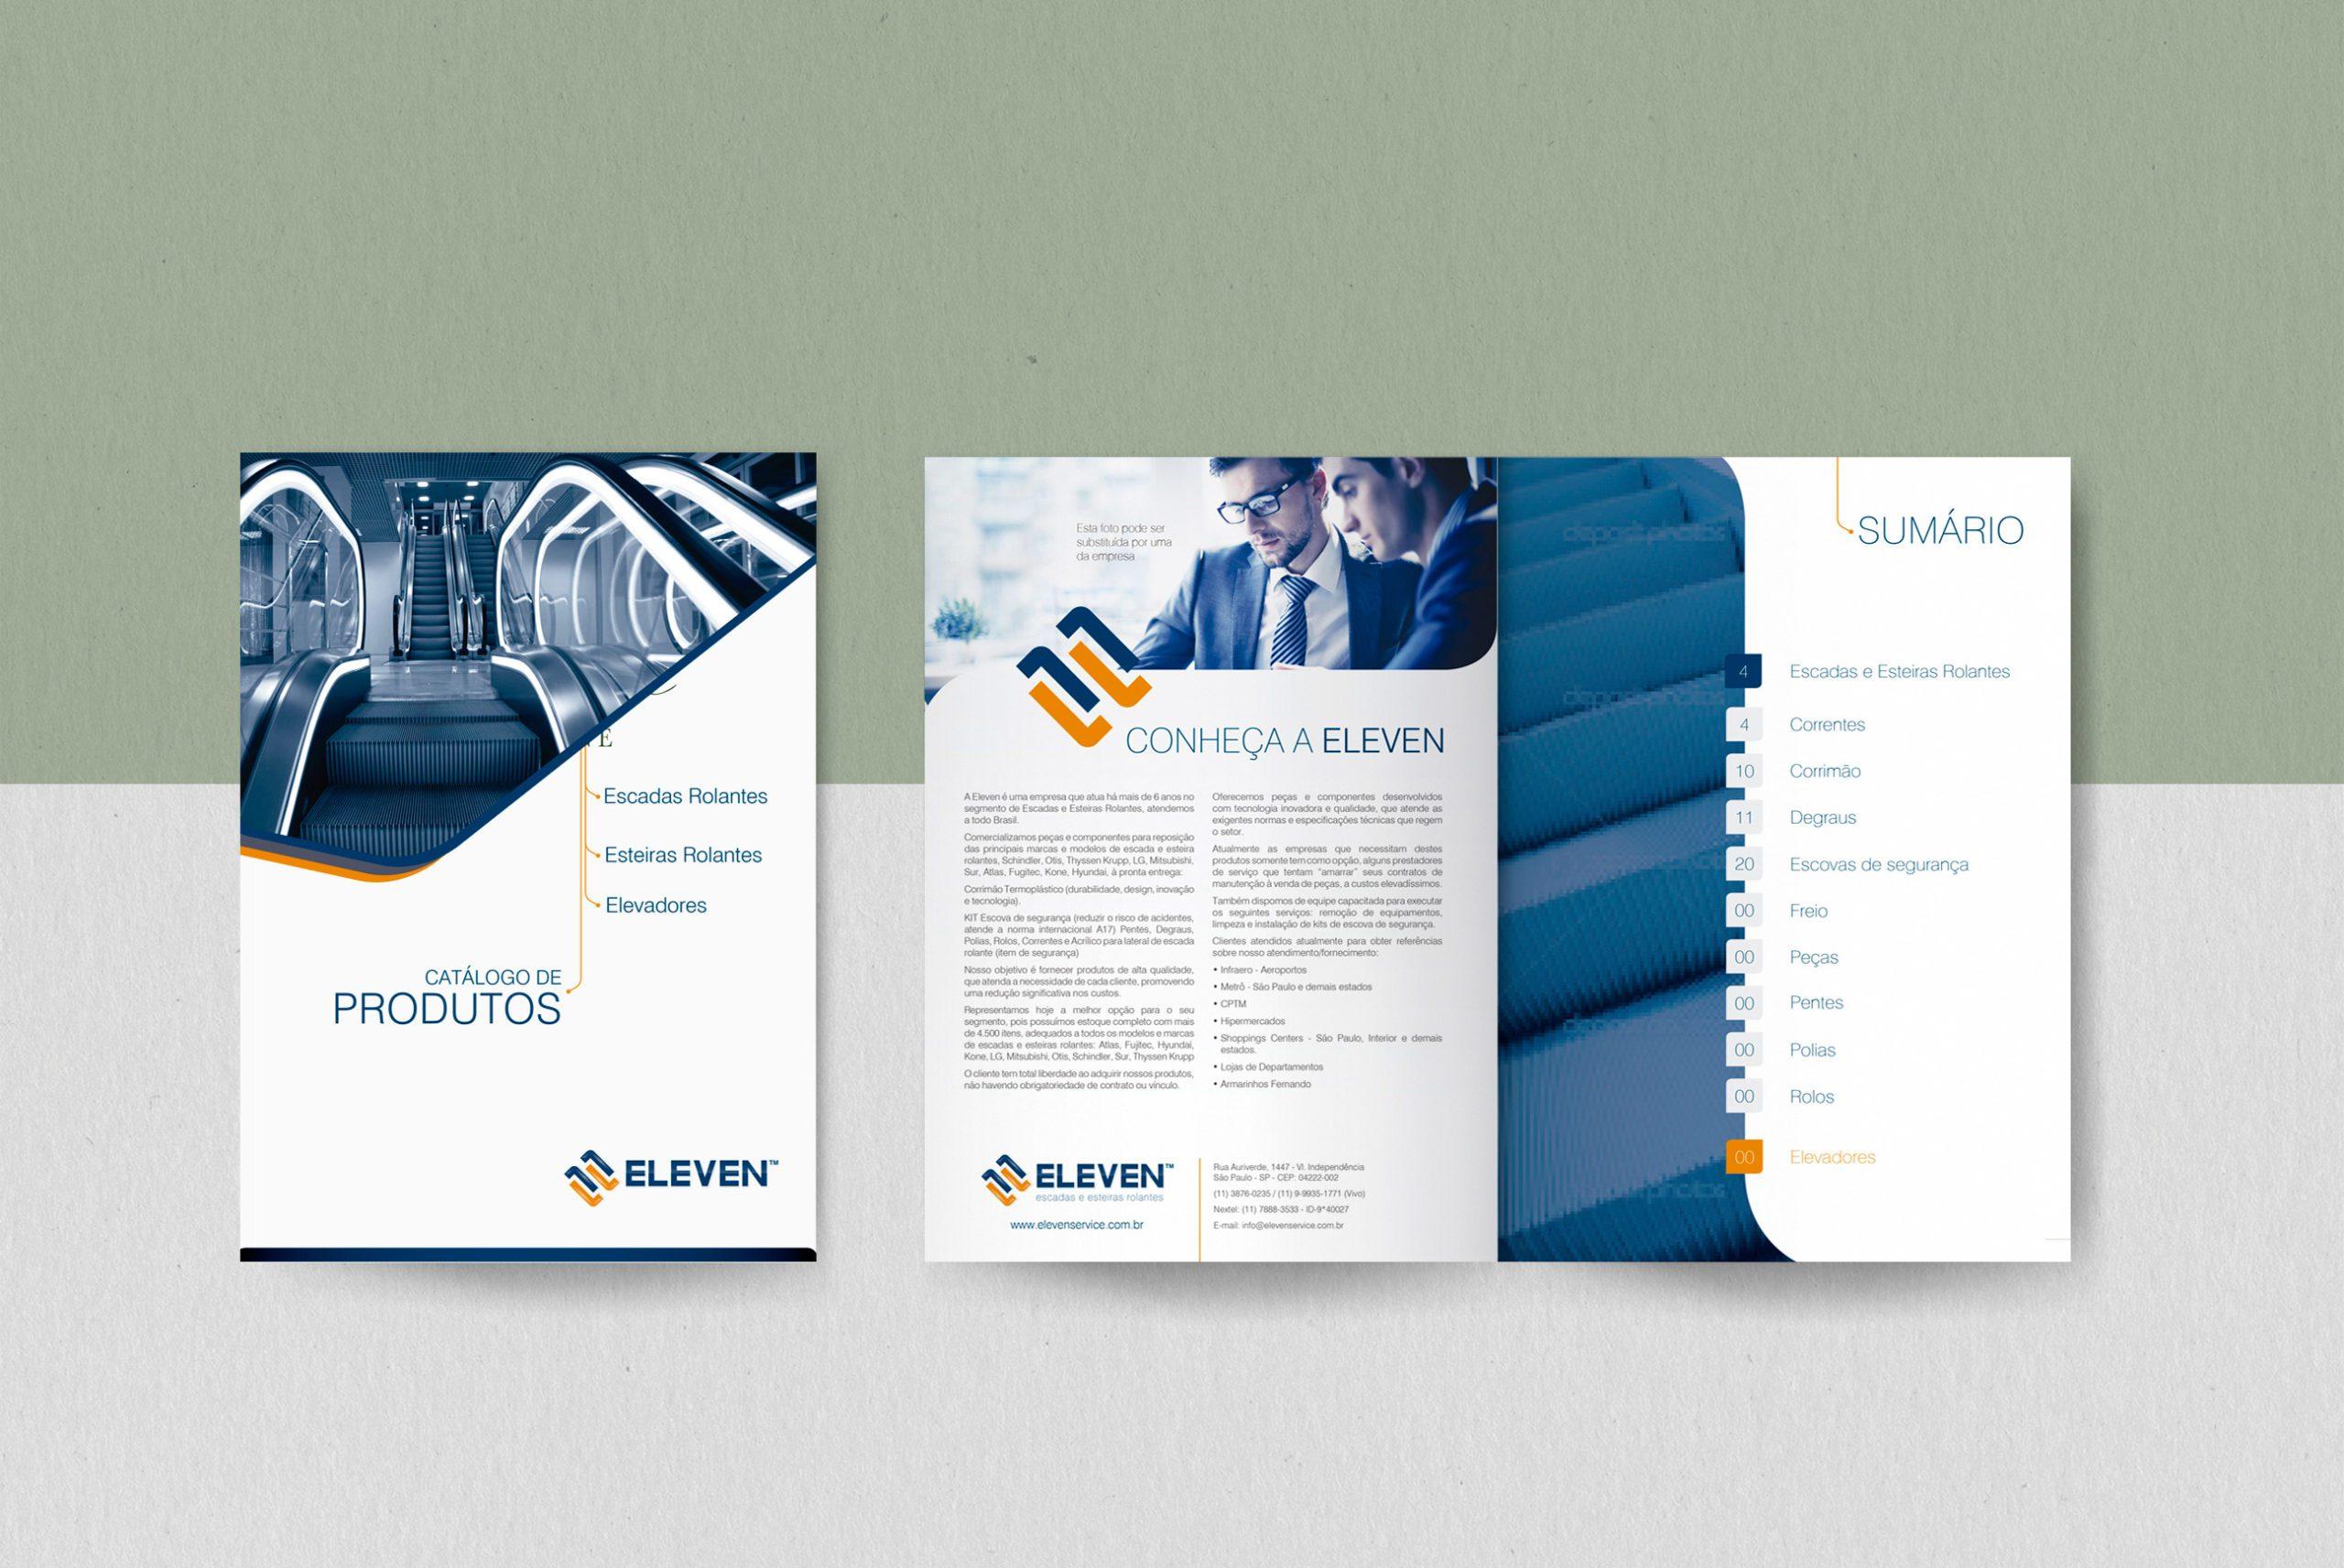 Catálogo Eleven Service